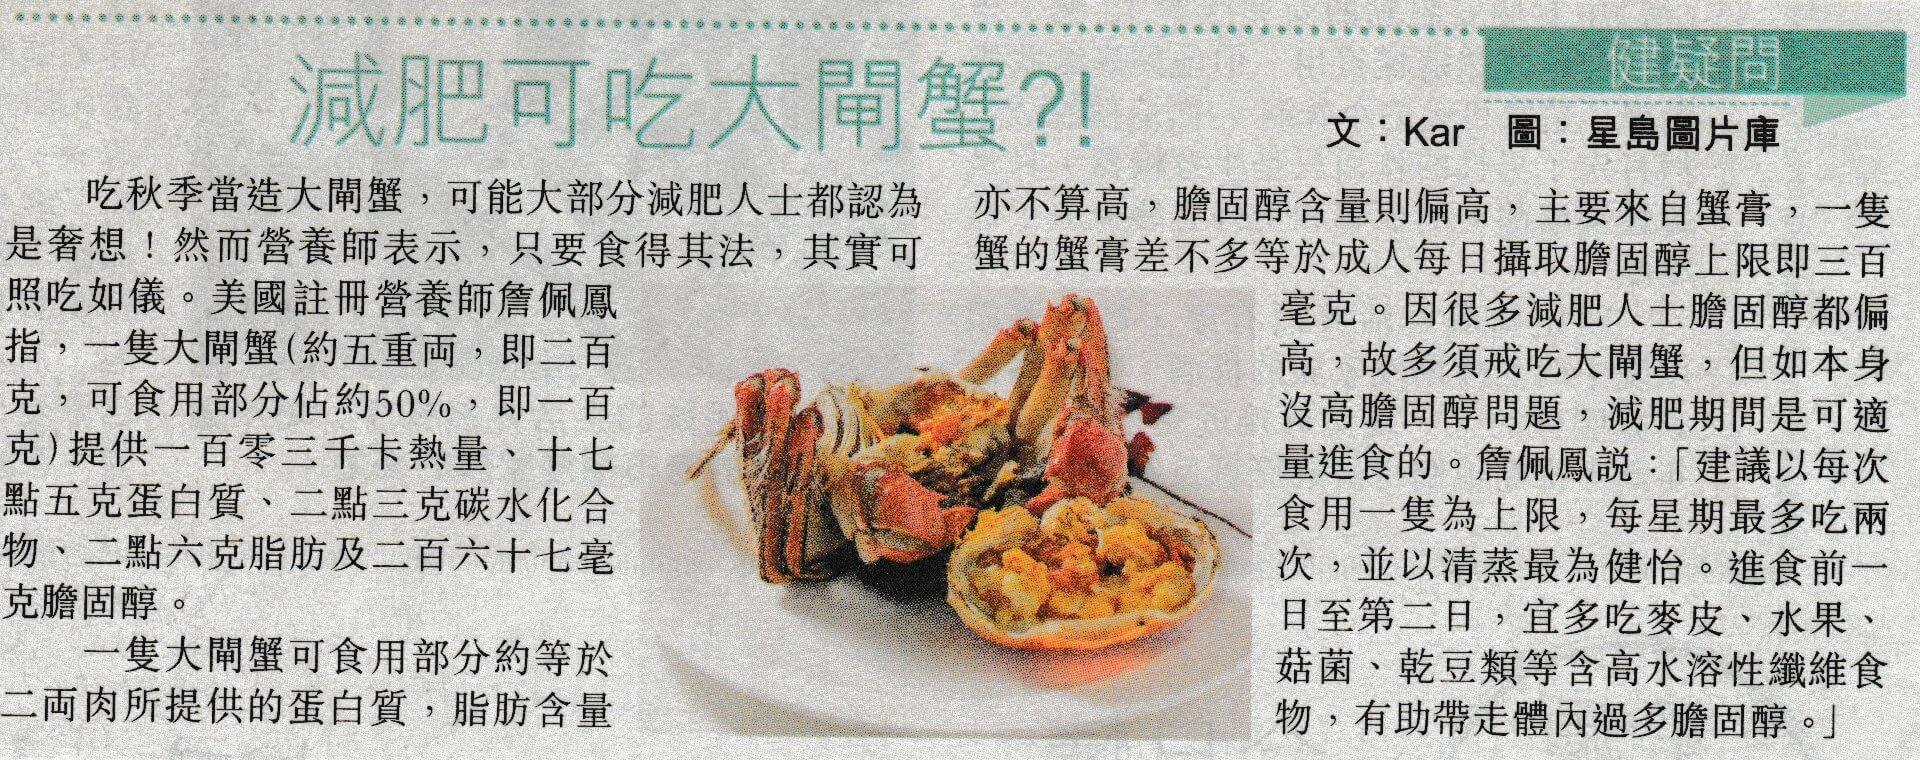 減肥都可以食大閘蟹